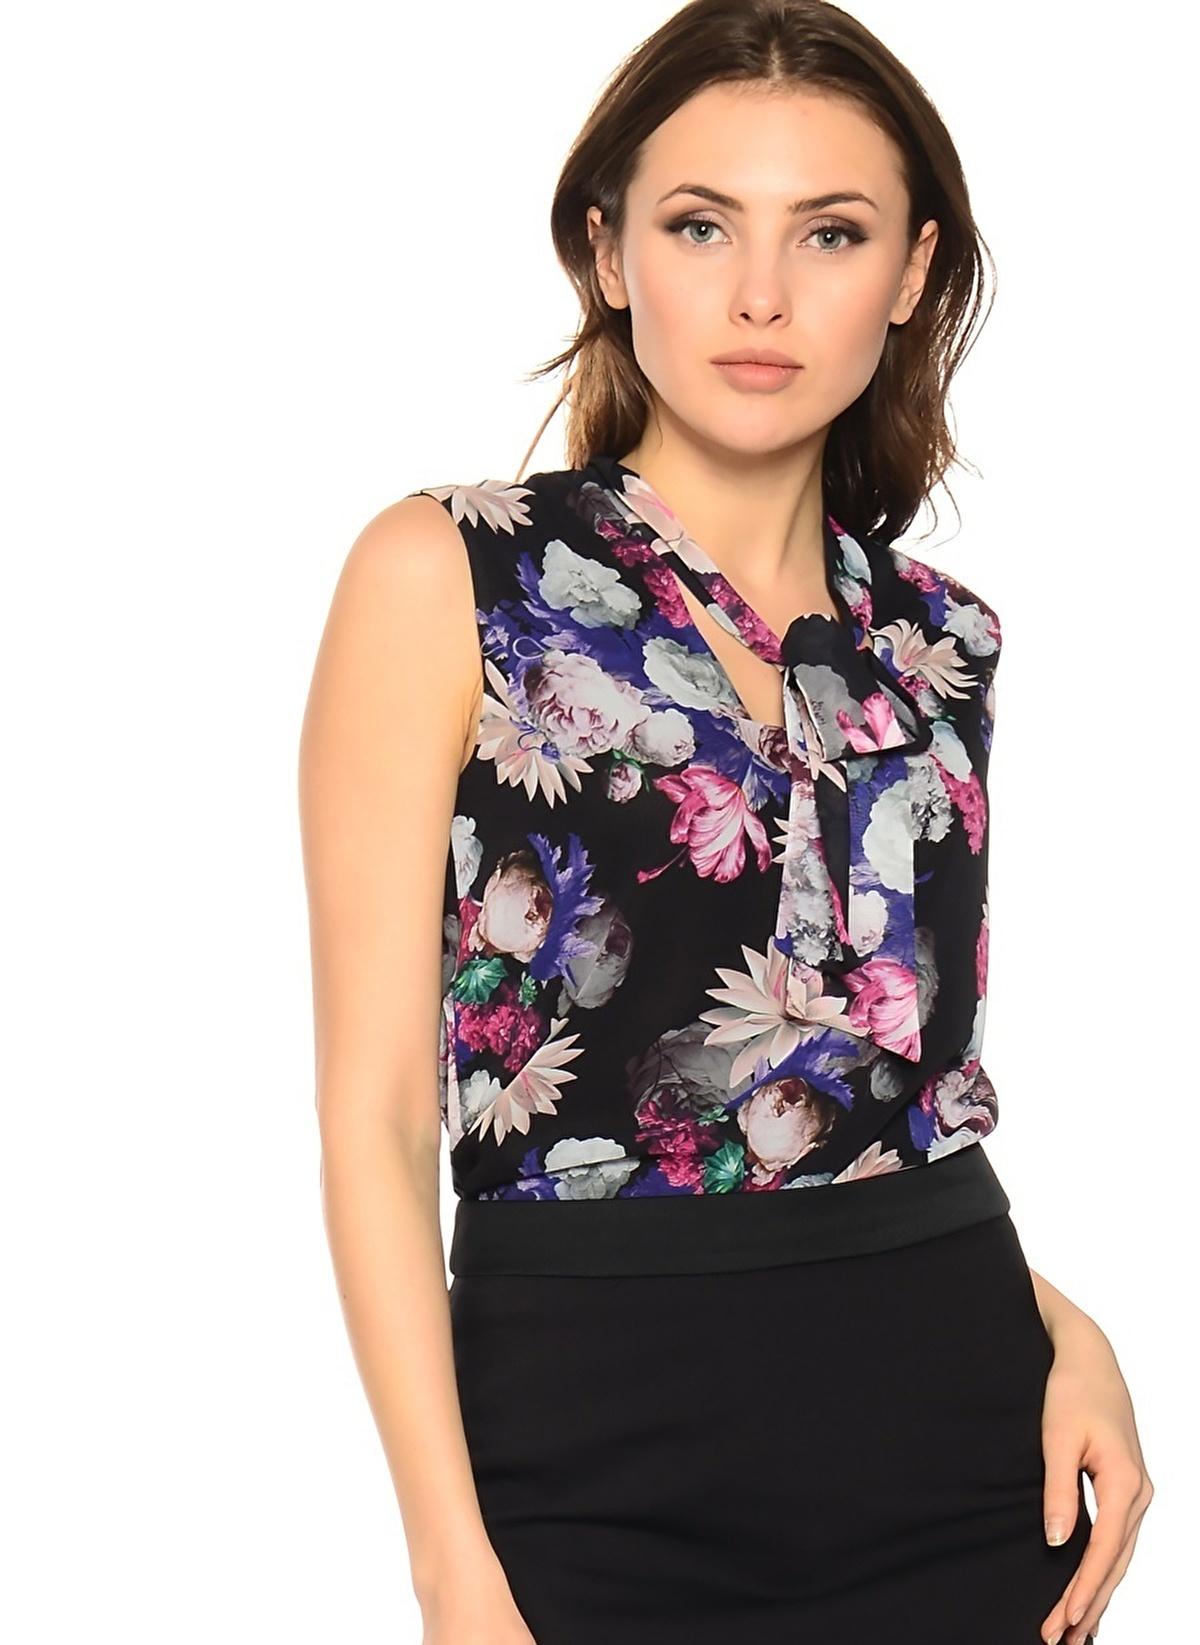 House Of Camellia Bluz 71jan Hoc085 Hc Bluz Prınt – 47.99 TL